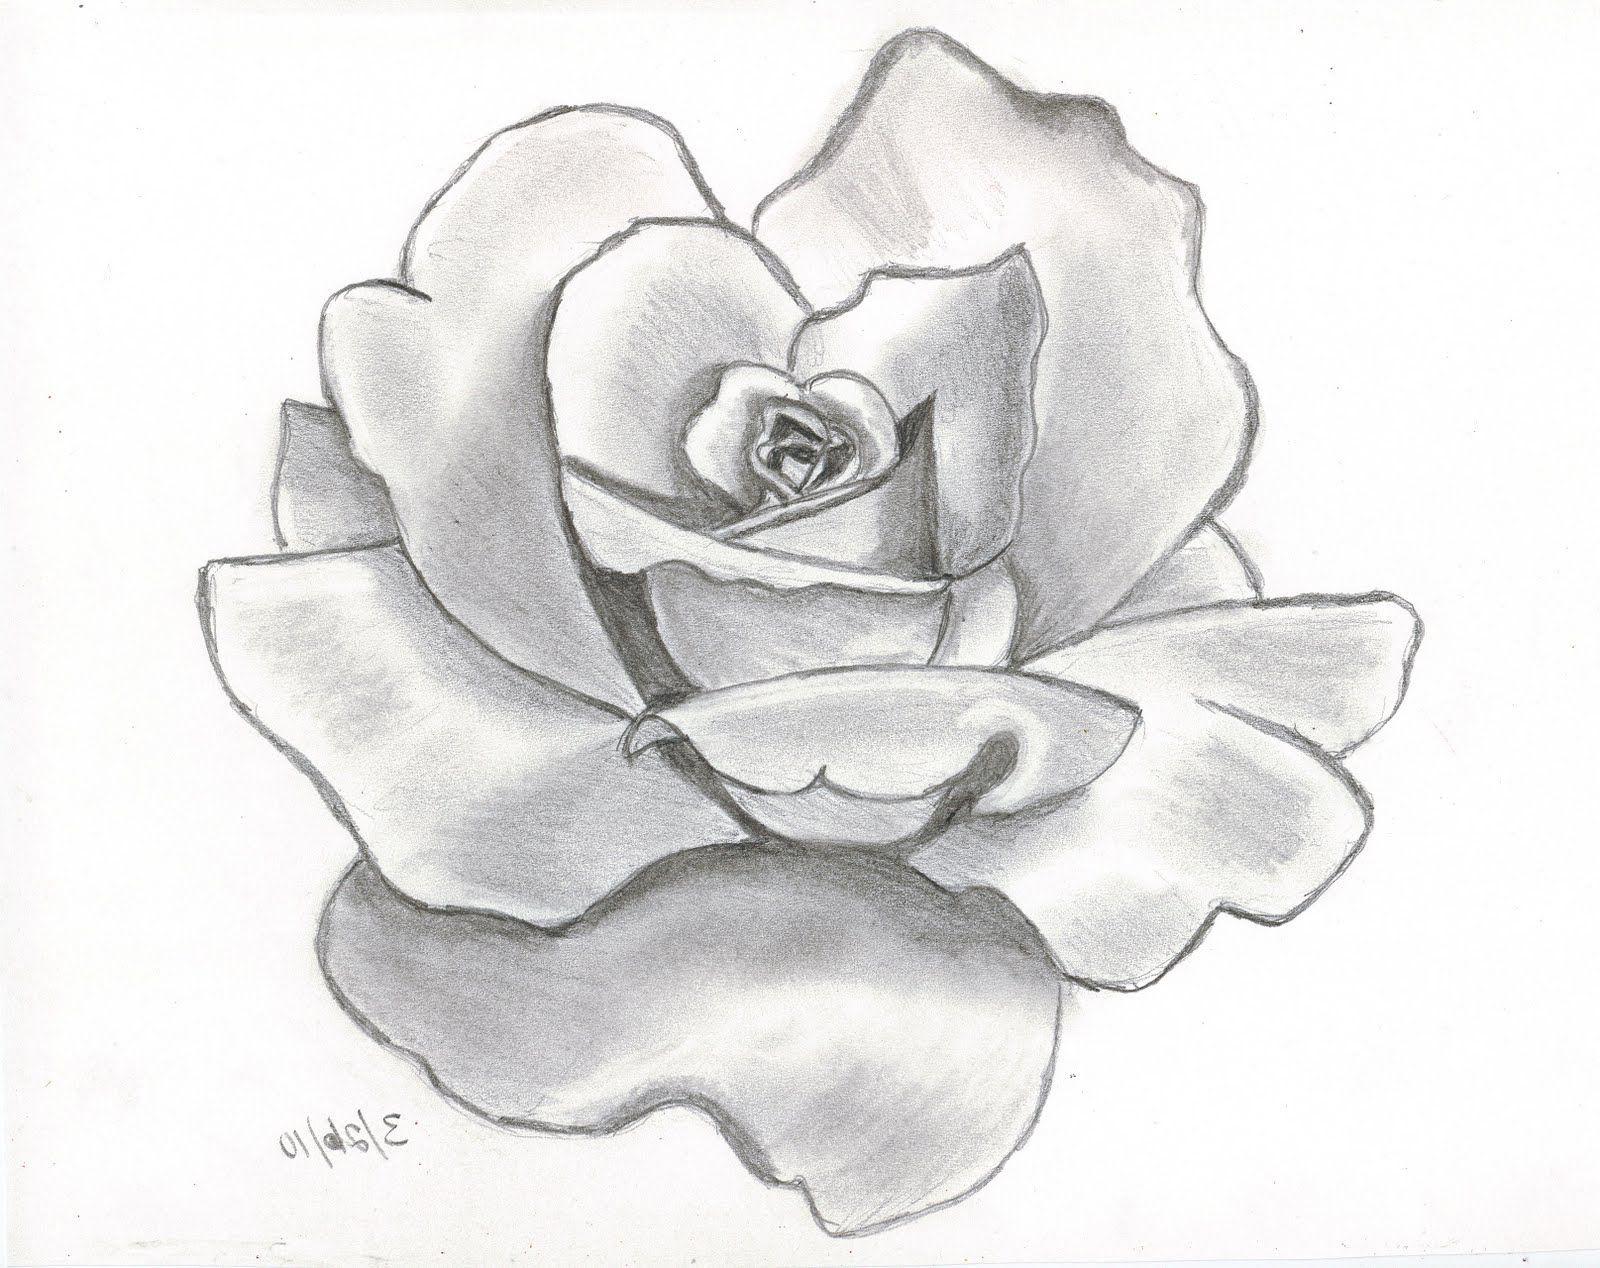 Ảnh vẽ hoa hồng nghệ thuật bằng bút chì